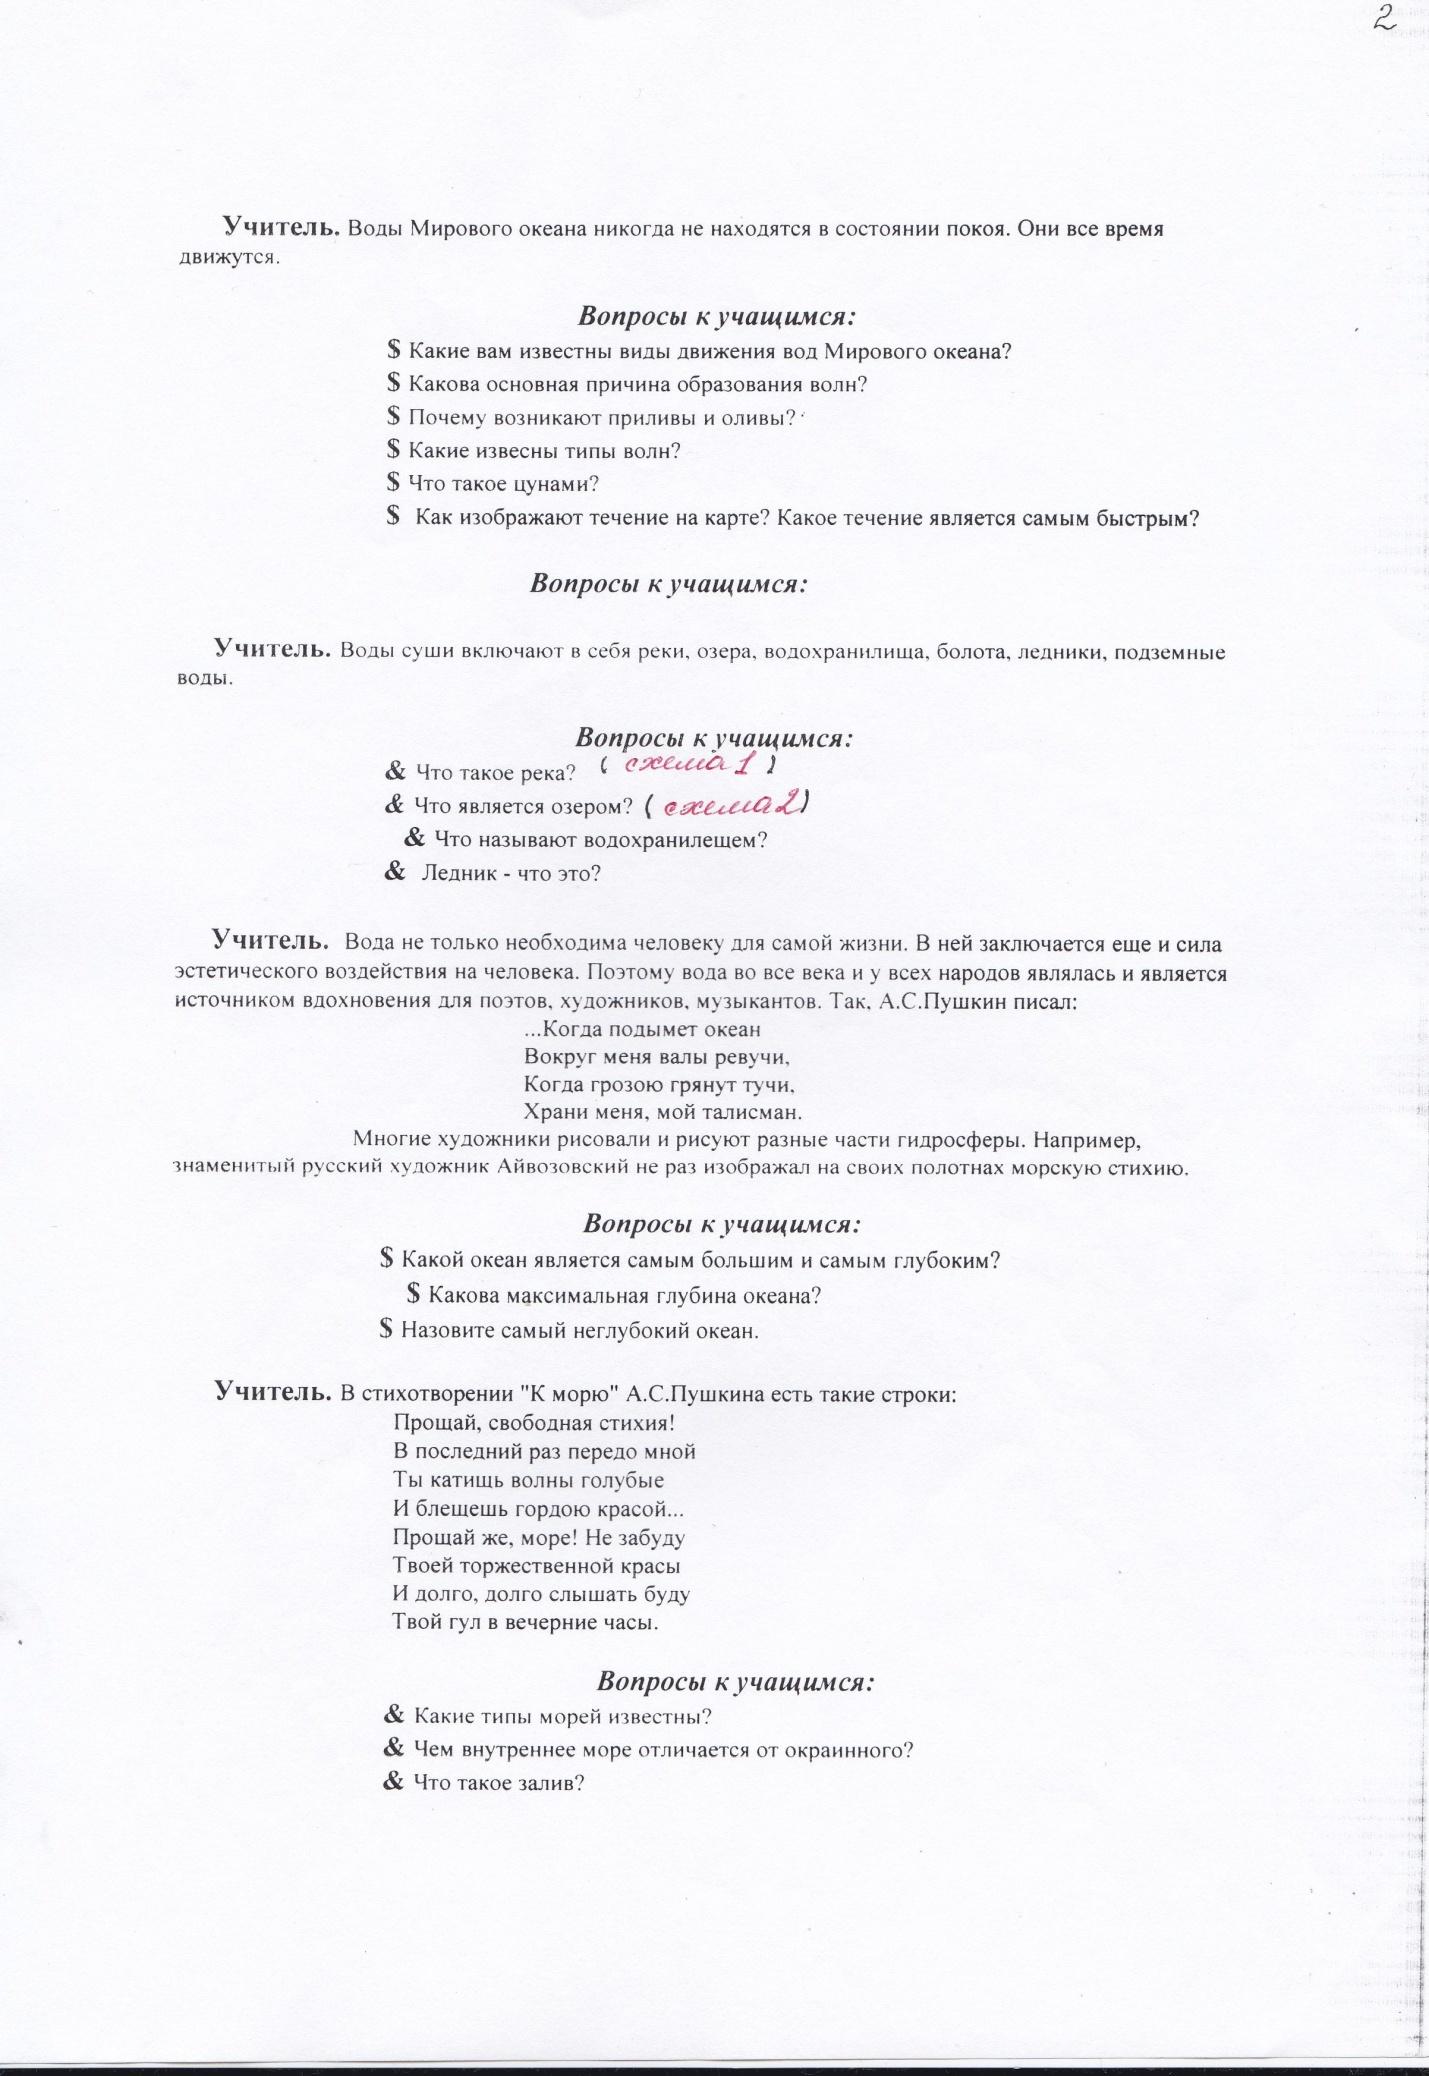 F:\Новая папка (3)\IMG_20150110_0024.jpg